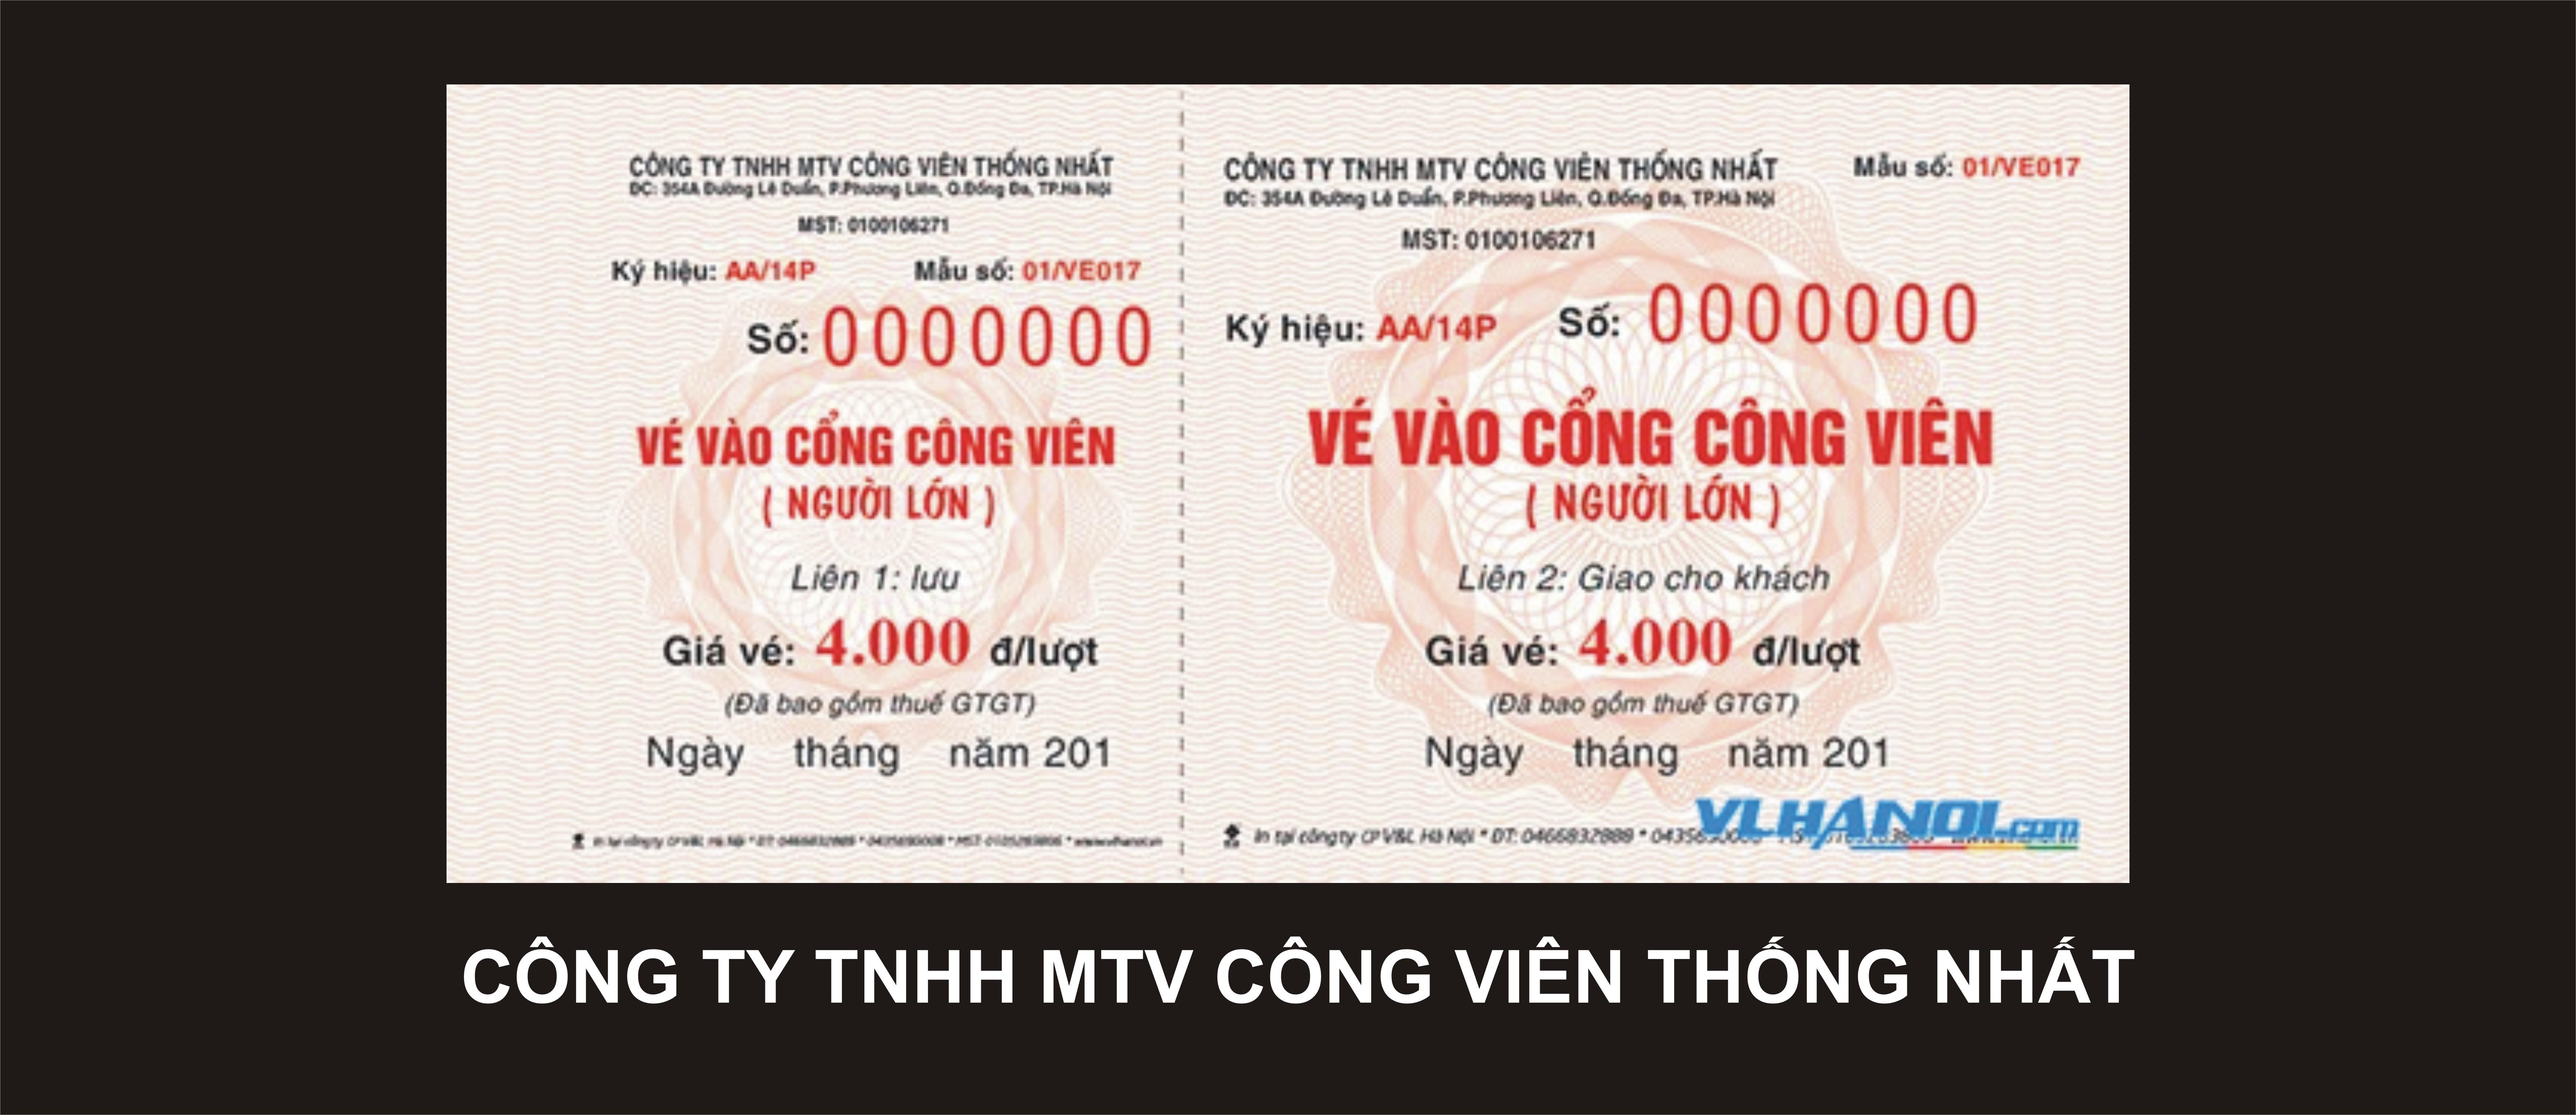 CÔNG TY TNHH MTV CÔNG VIÊN THỐNG NHẤT